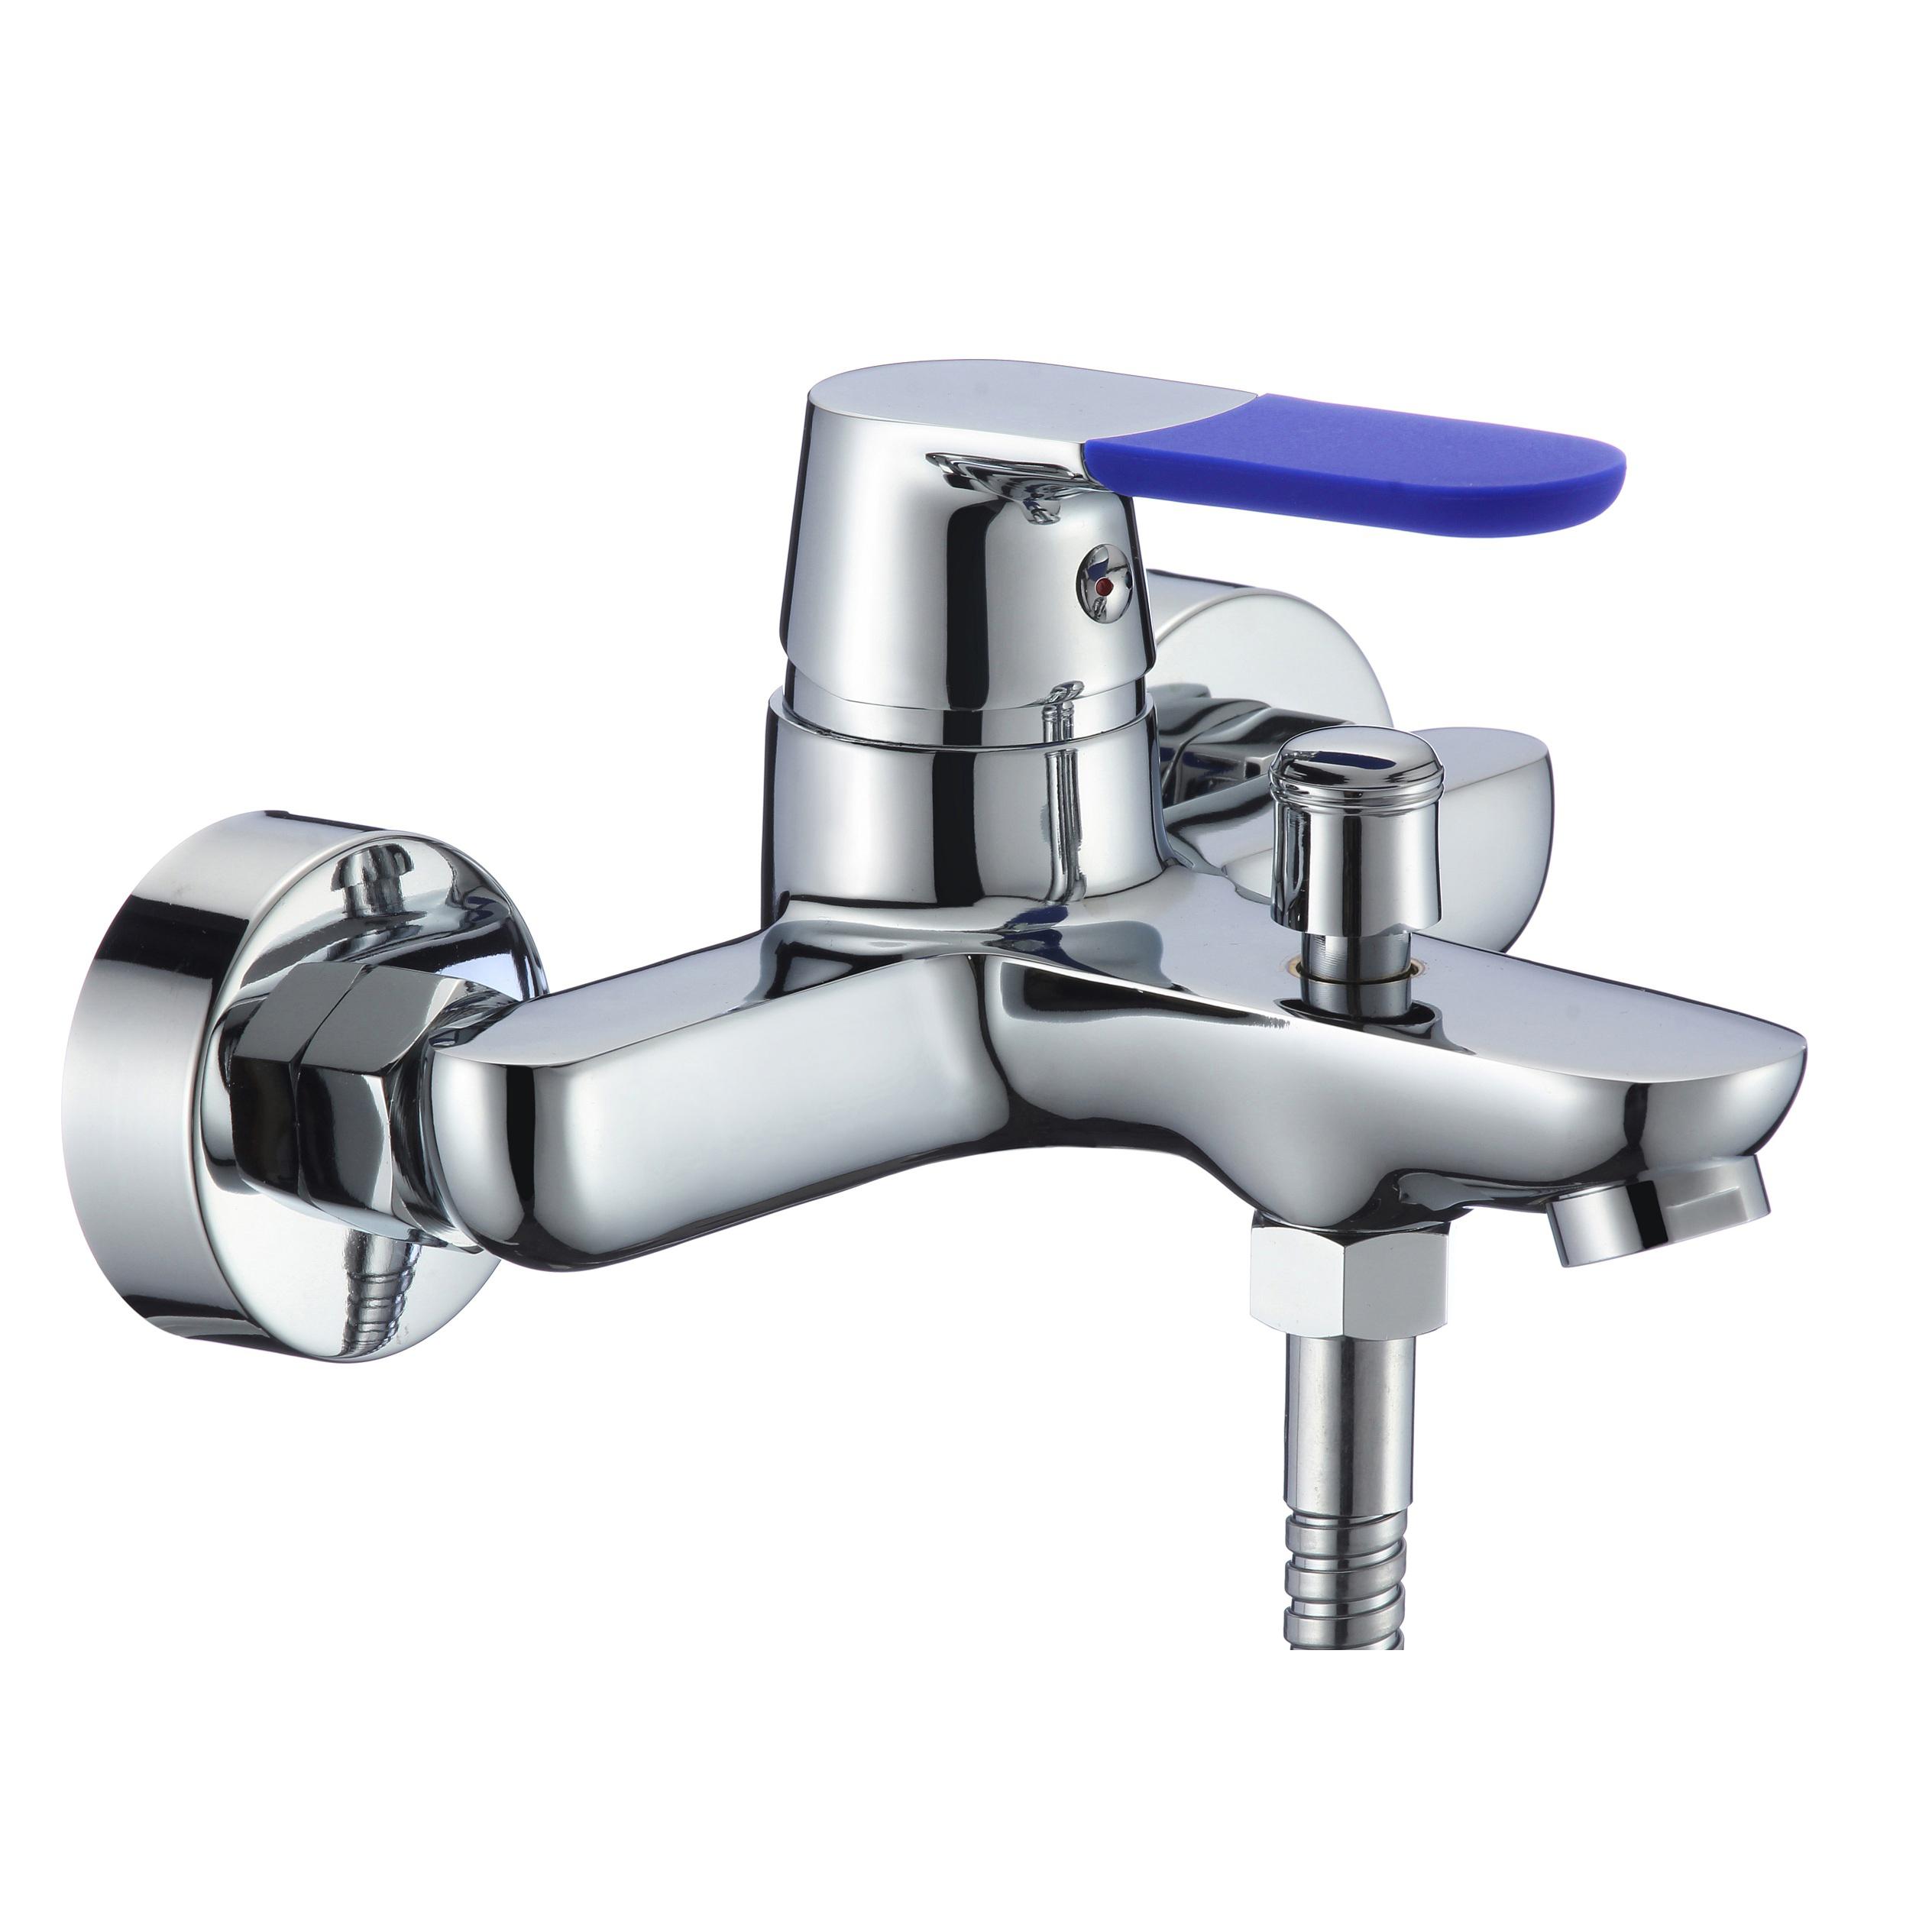 B0074-F Trung Quốc phòng tắm kẽm vòi nước, new zinc mixer vòi, kẽm tap